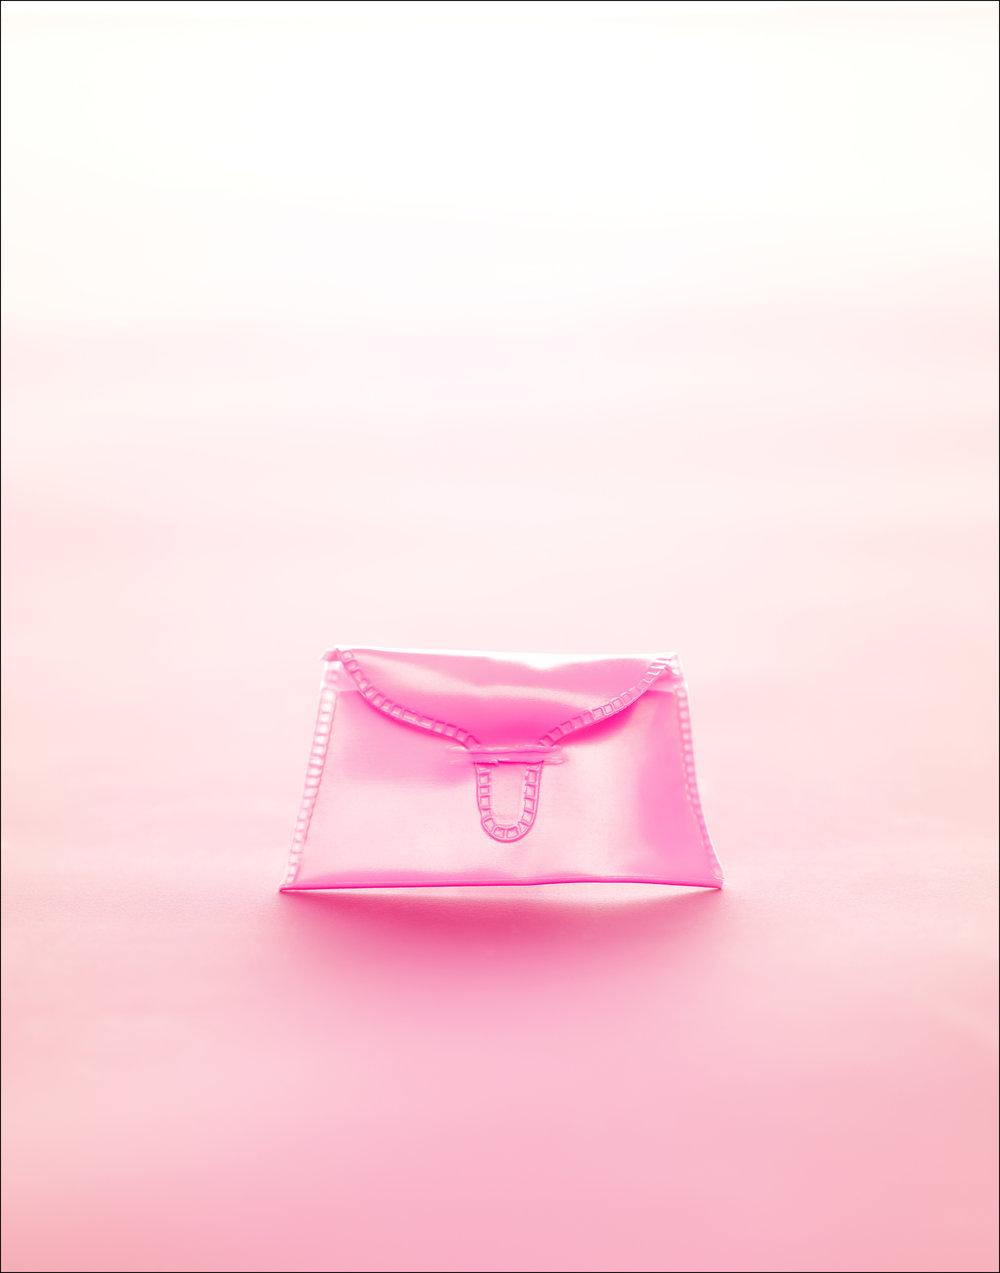 purse(for portfolio).jpg